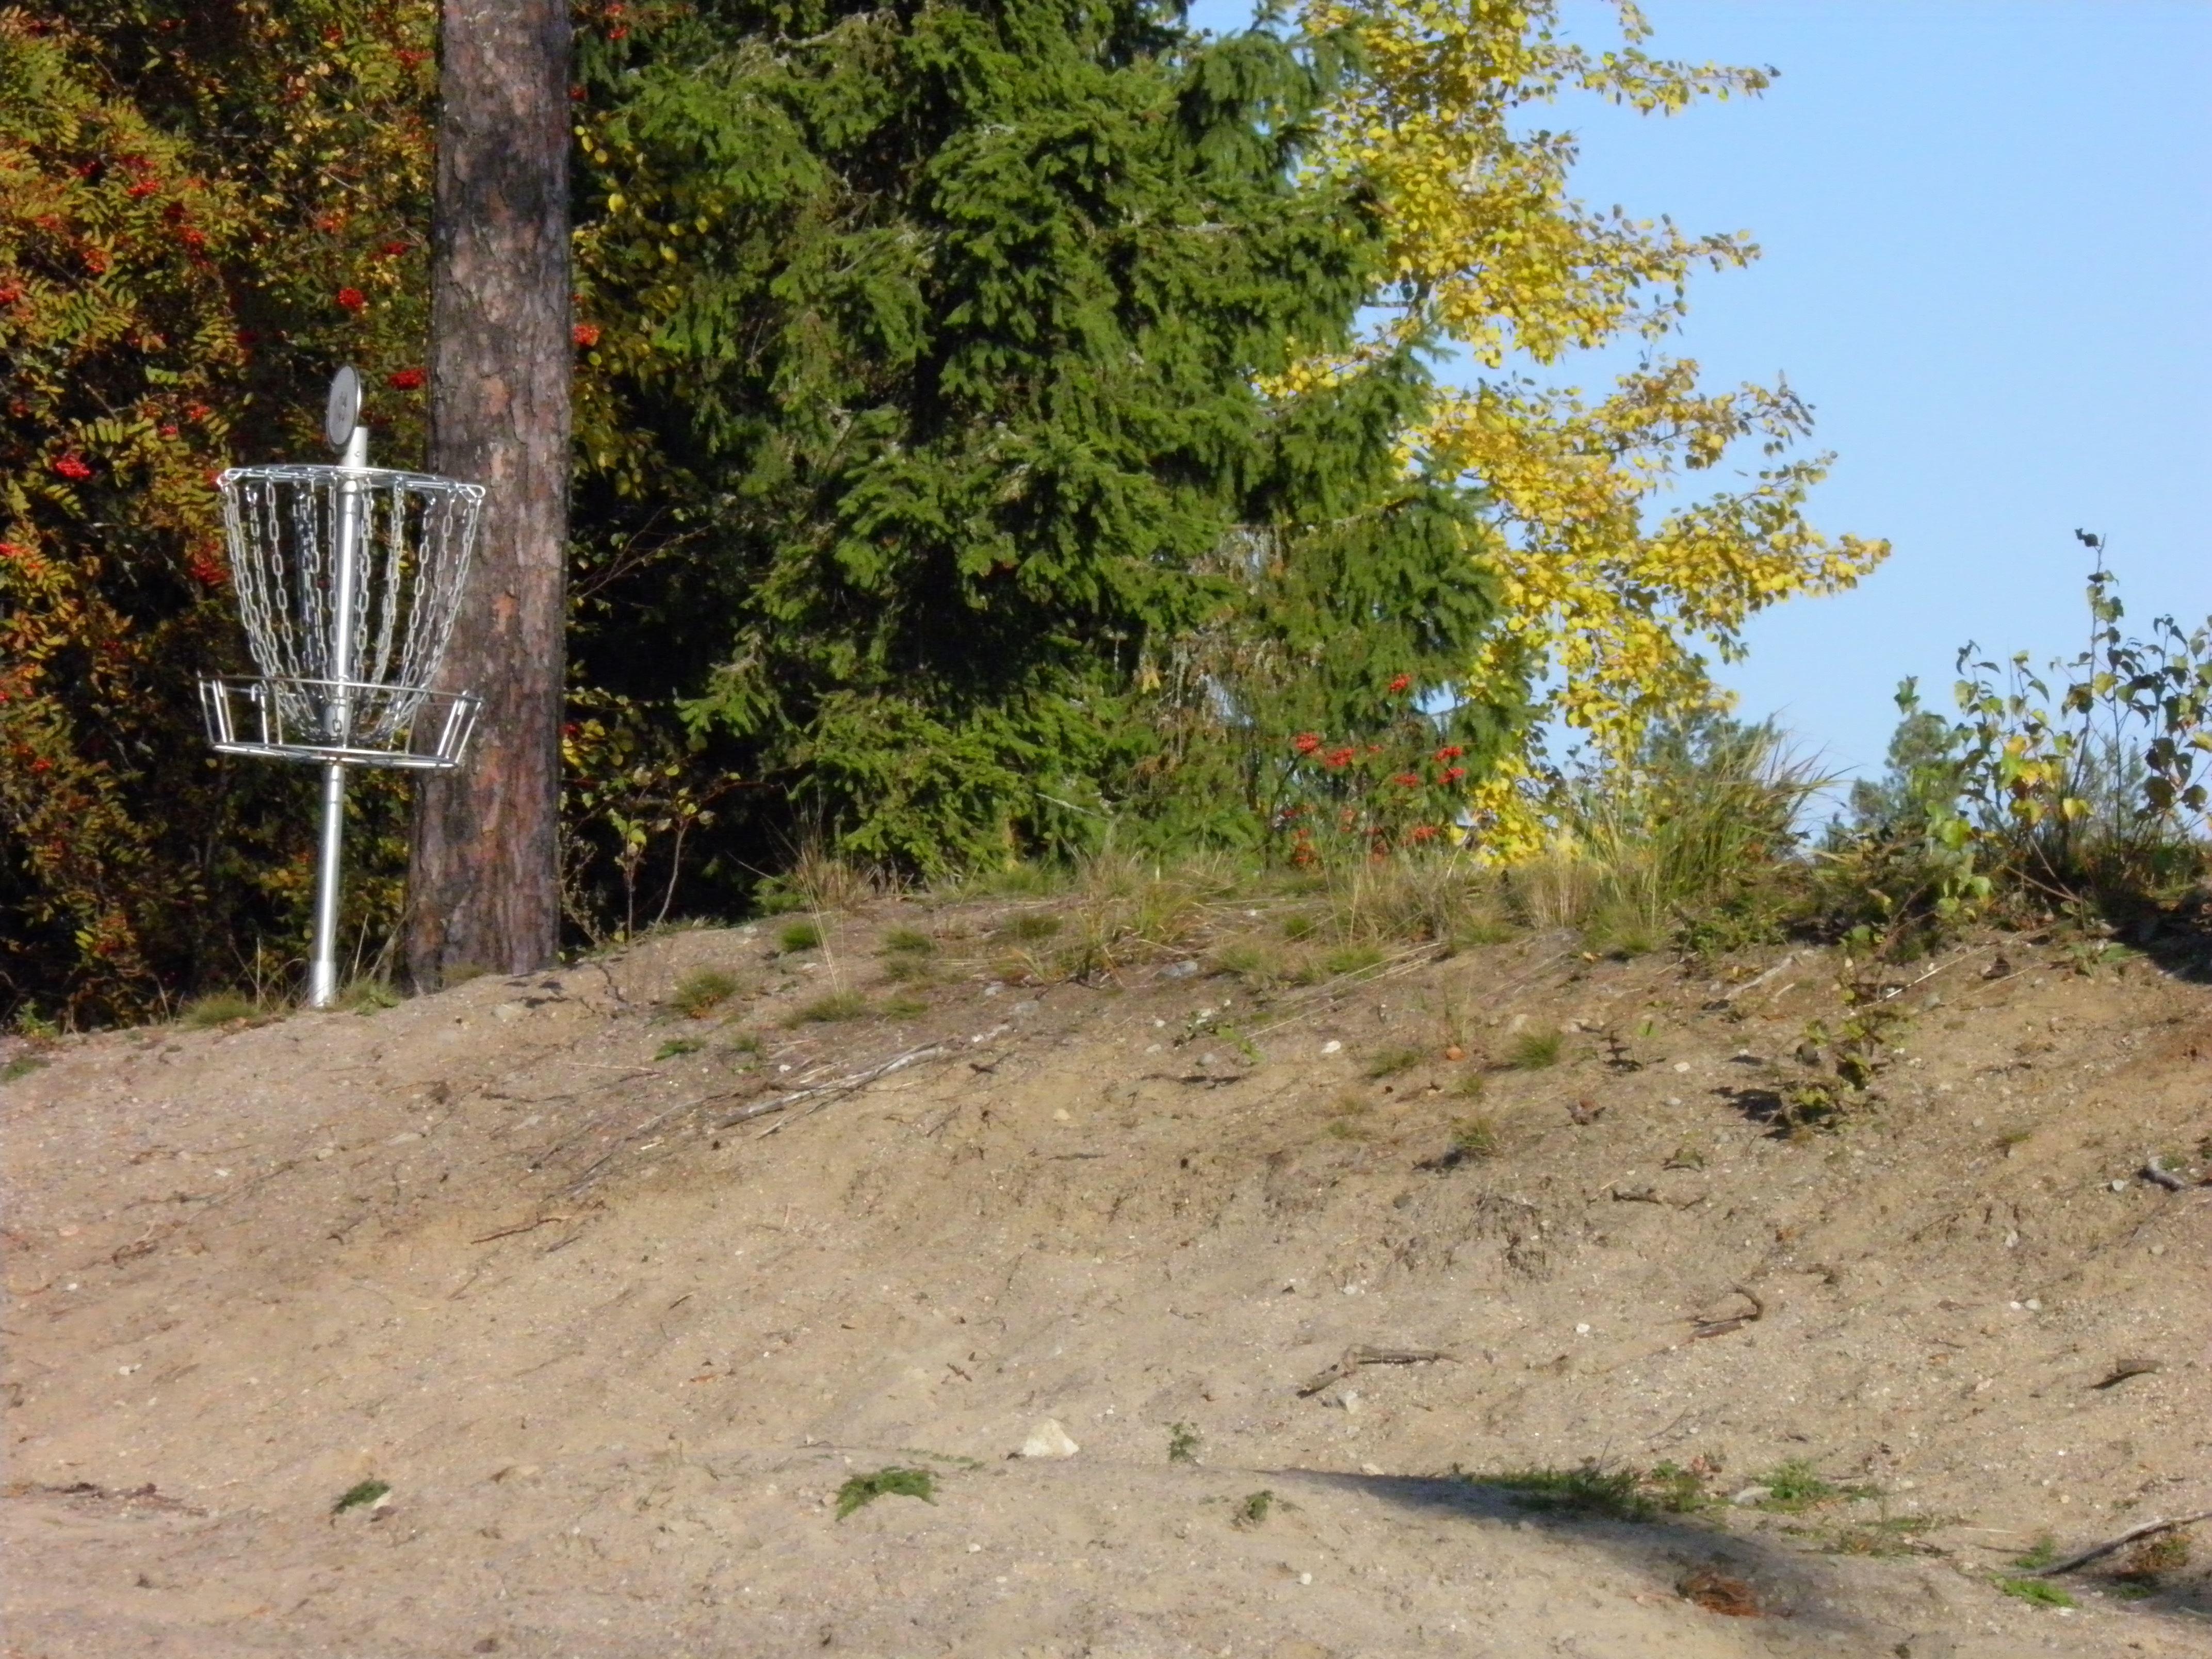 Asikkalan urheilukentän frisbeegolfrata